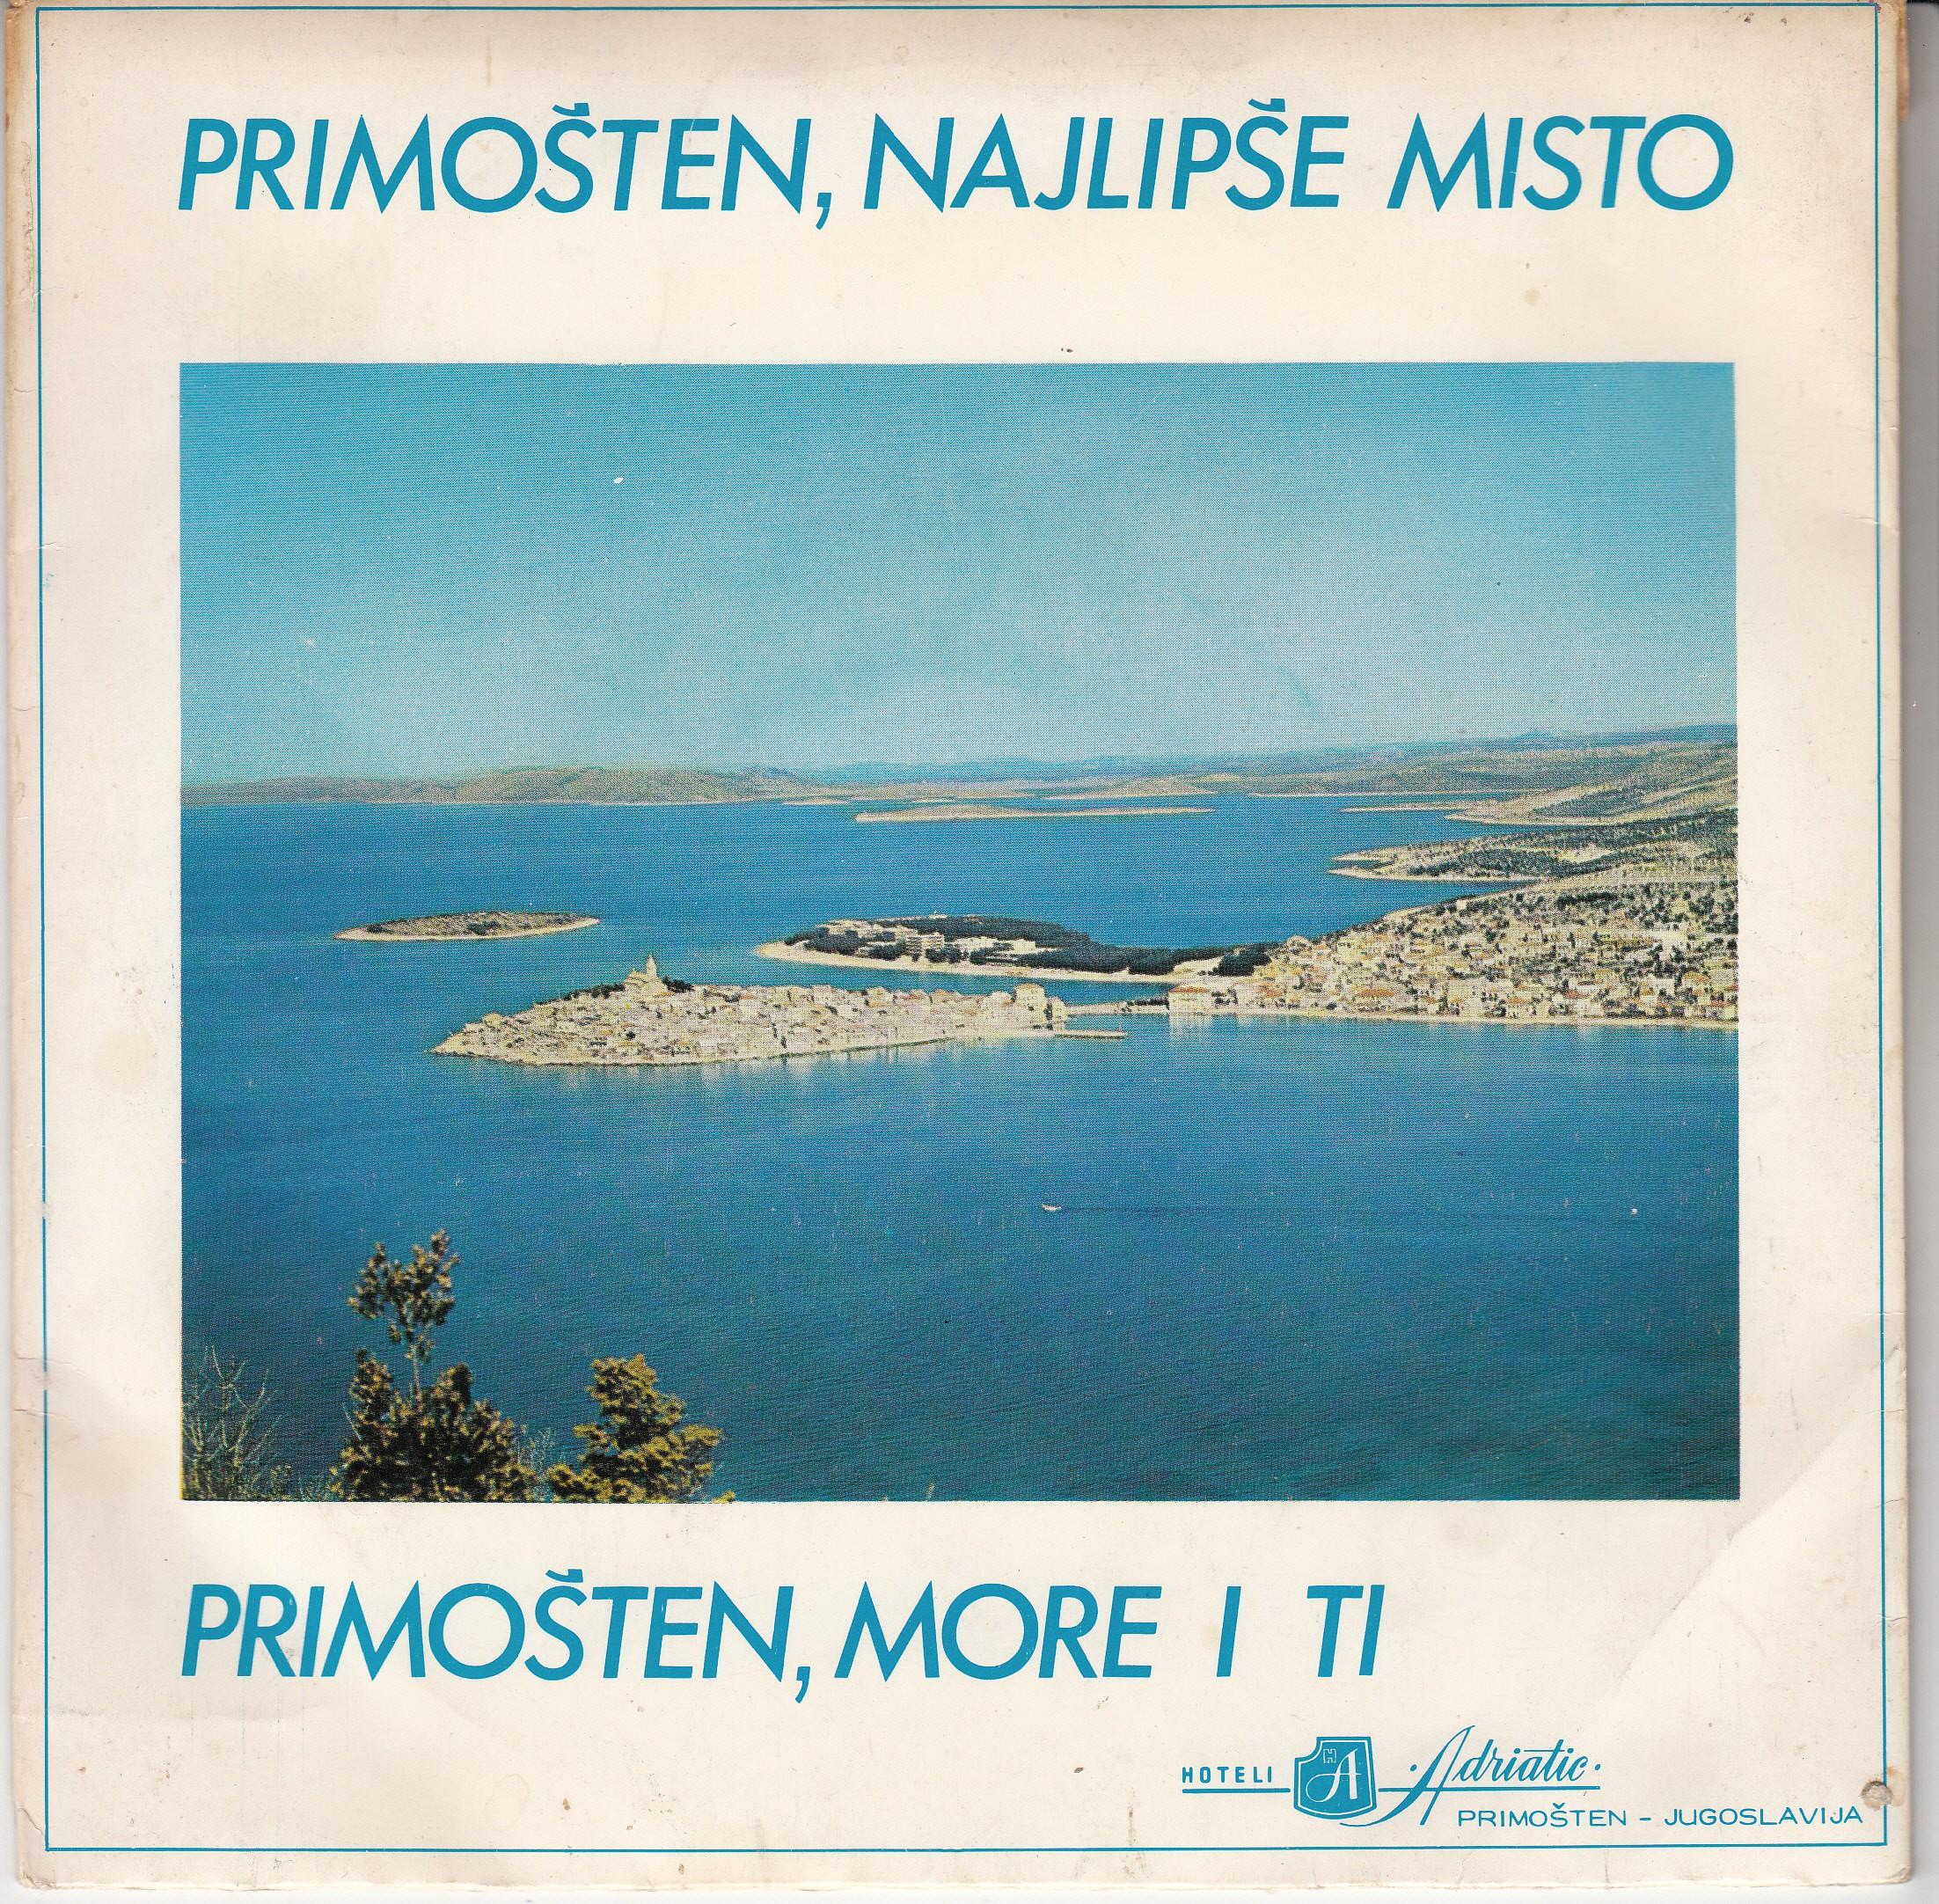 Basletic Zlatko - Primosten Najlipse Misto/primosten More I Ti